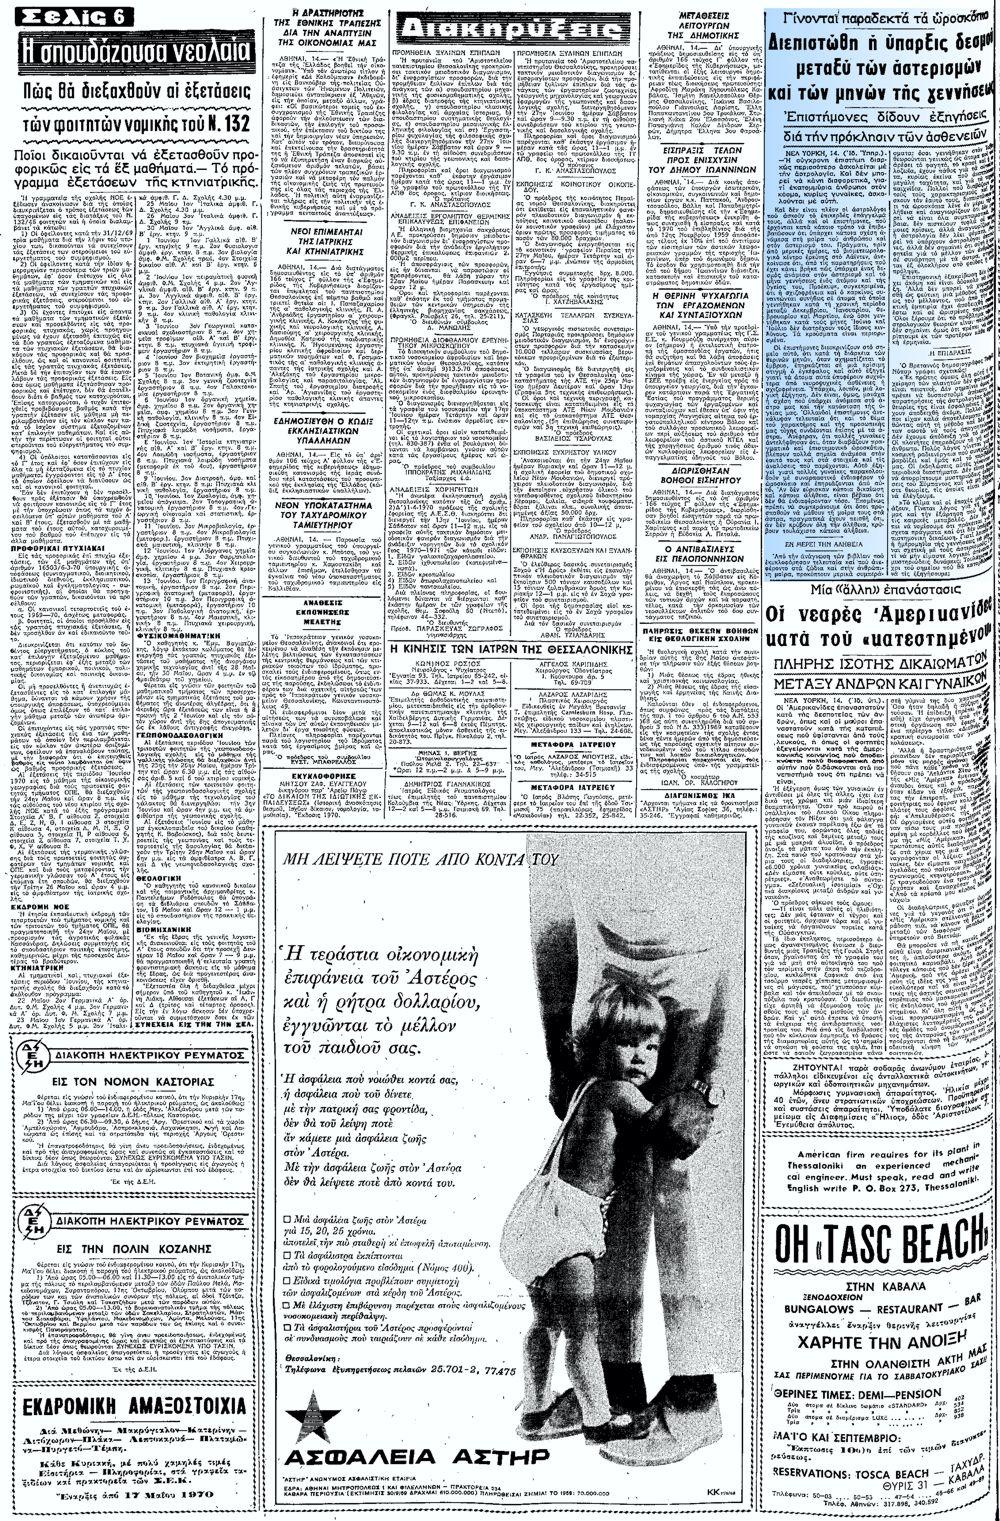 """Το άρθρο, όπως δημοσιεύθηκε στην εφημερίδα """"ΜΑΚΕΔΟΝΙΑ"""", στις 15/05/1970"""